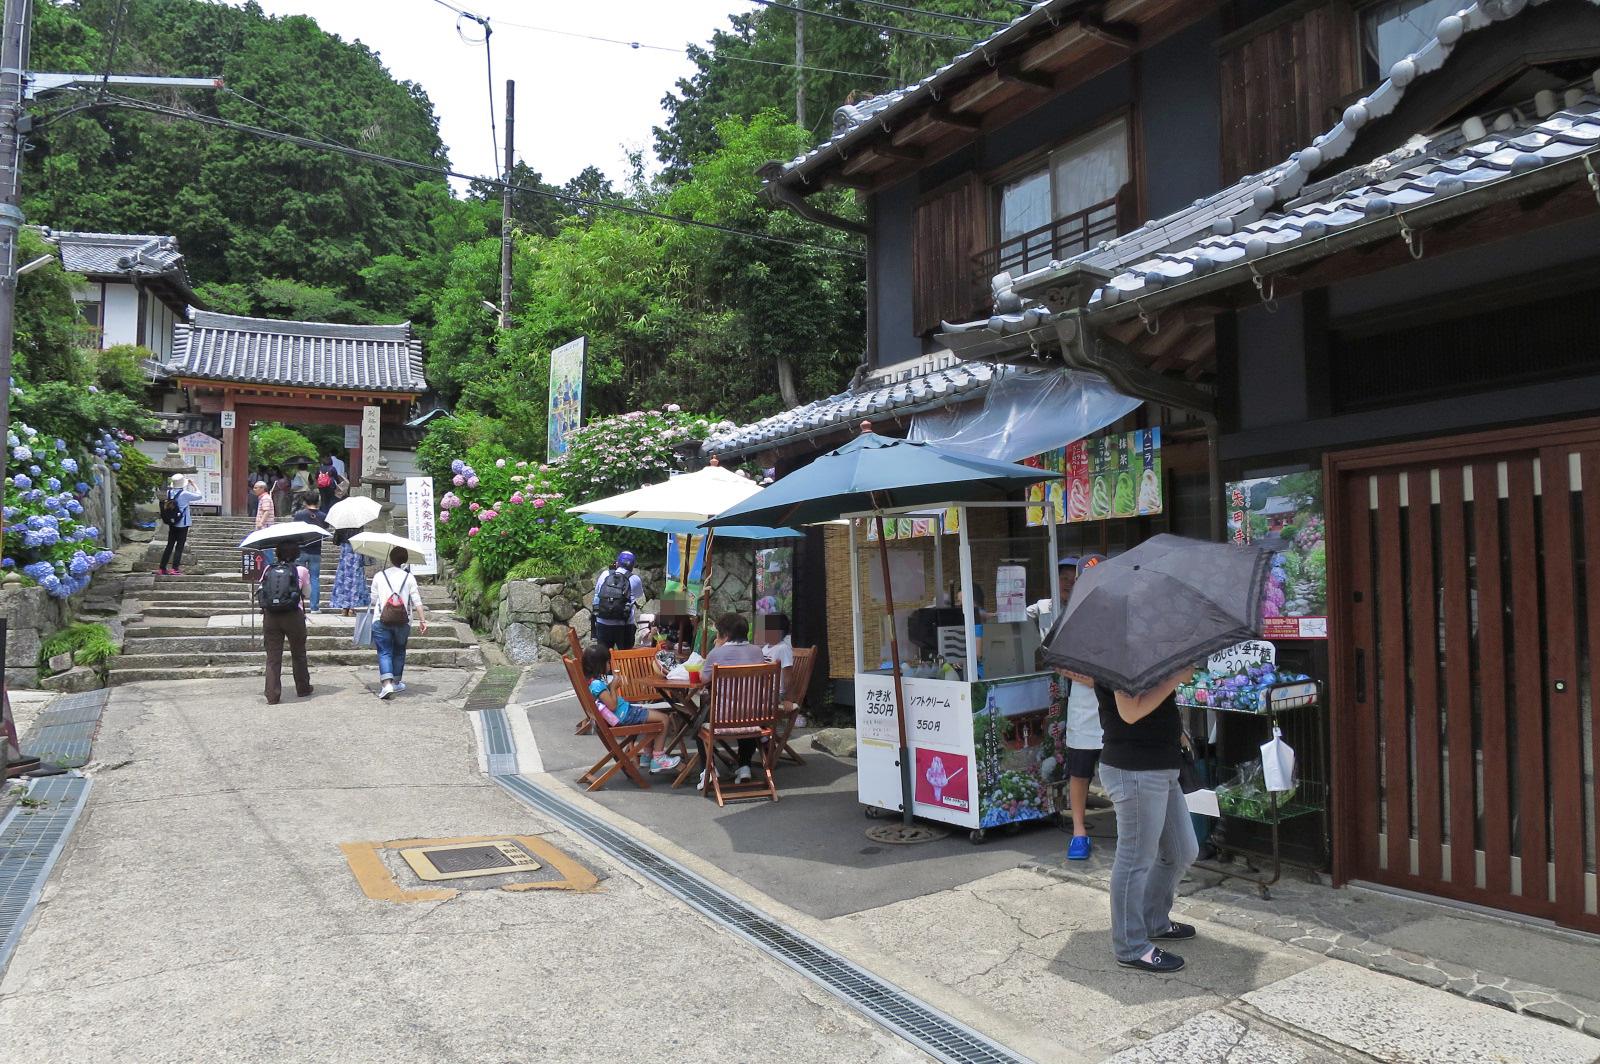 矢田寺の門の前では、かき氷を食べることもできます。暑かったので、テーブル席はすべて埋まってました。